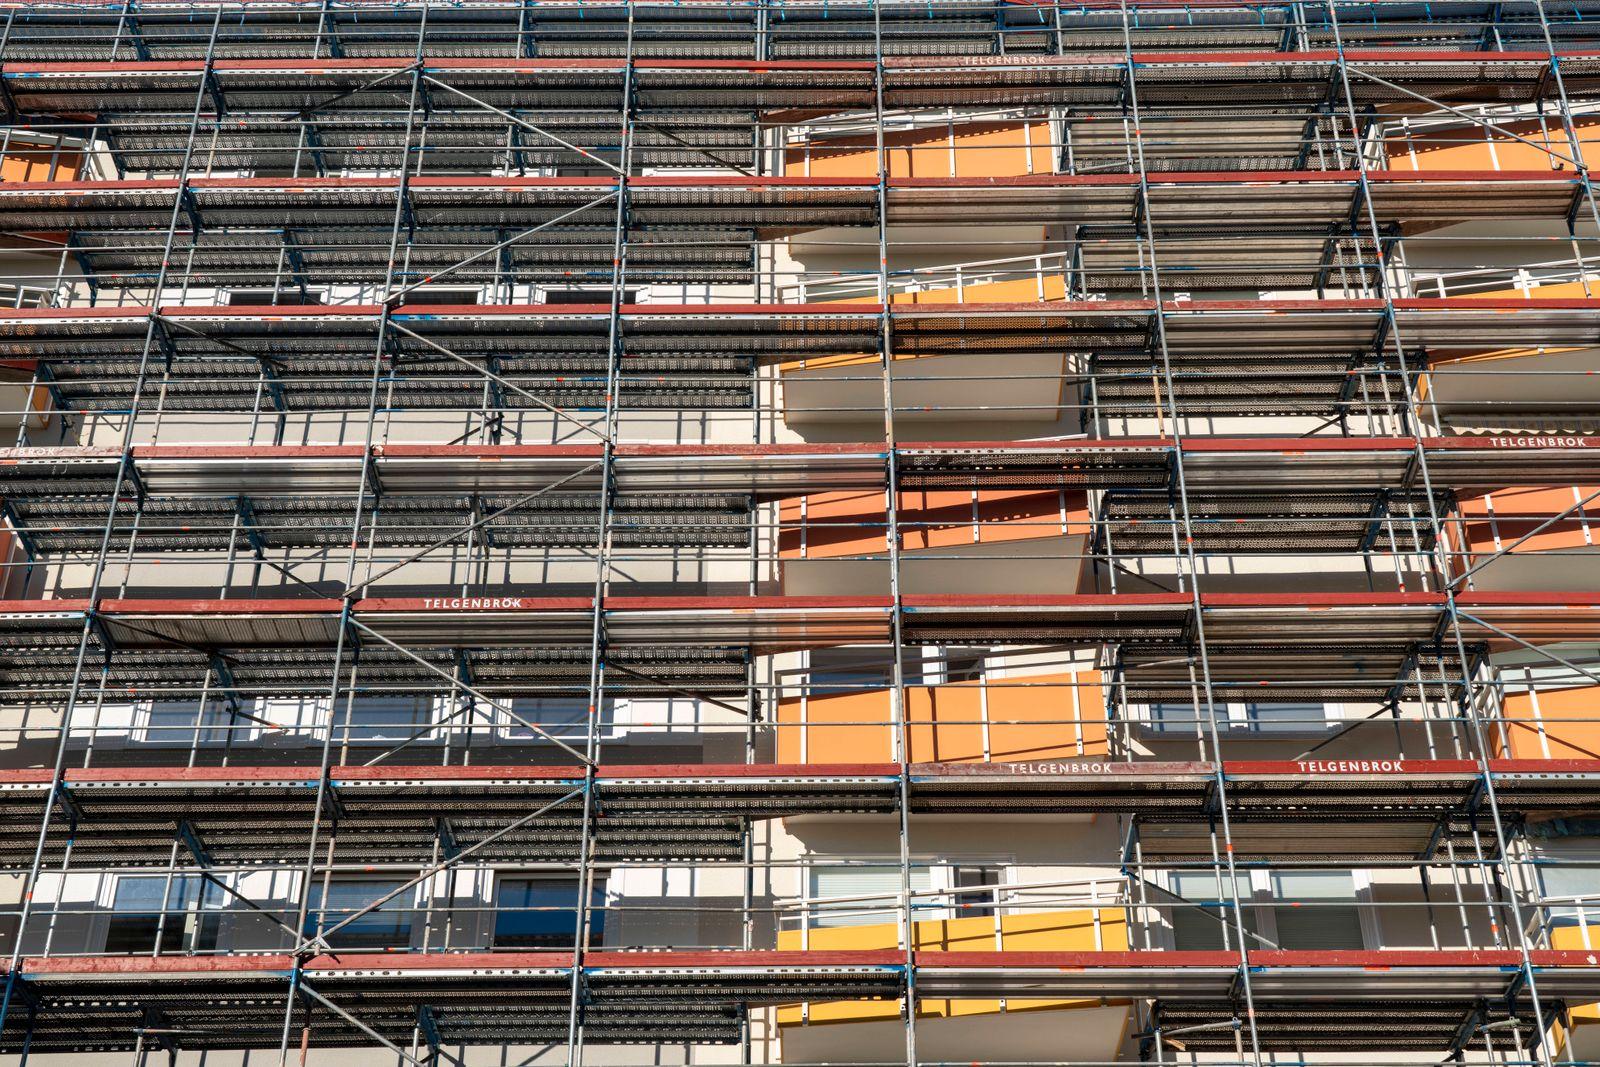 Energetische Sanierung eines Wohnhochhauses, Mietwohnungen in Essen, eingerüstetes Gebäude, *** Energetic renovation of